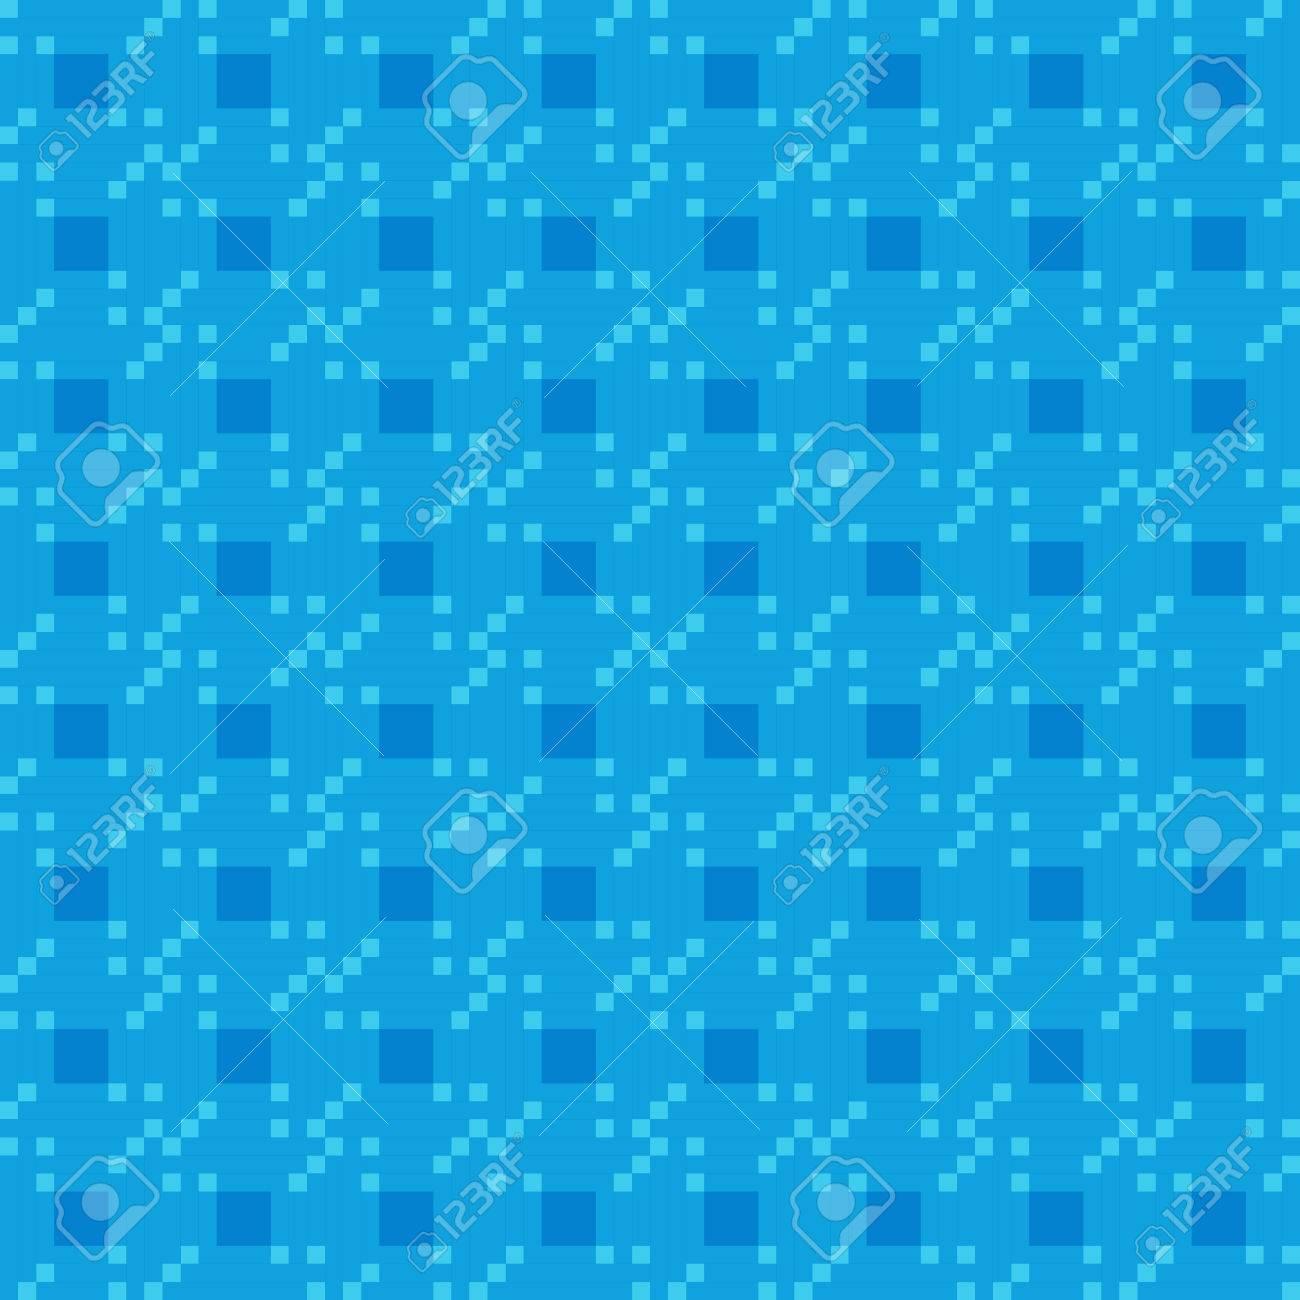 Vettoriale Geometrico Blu Modello Che Si Ripete Vettore Sfondo